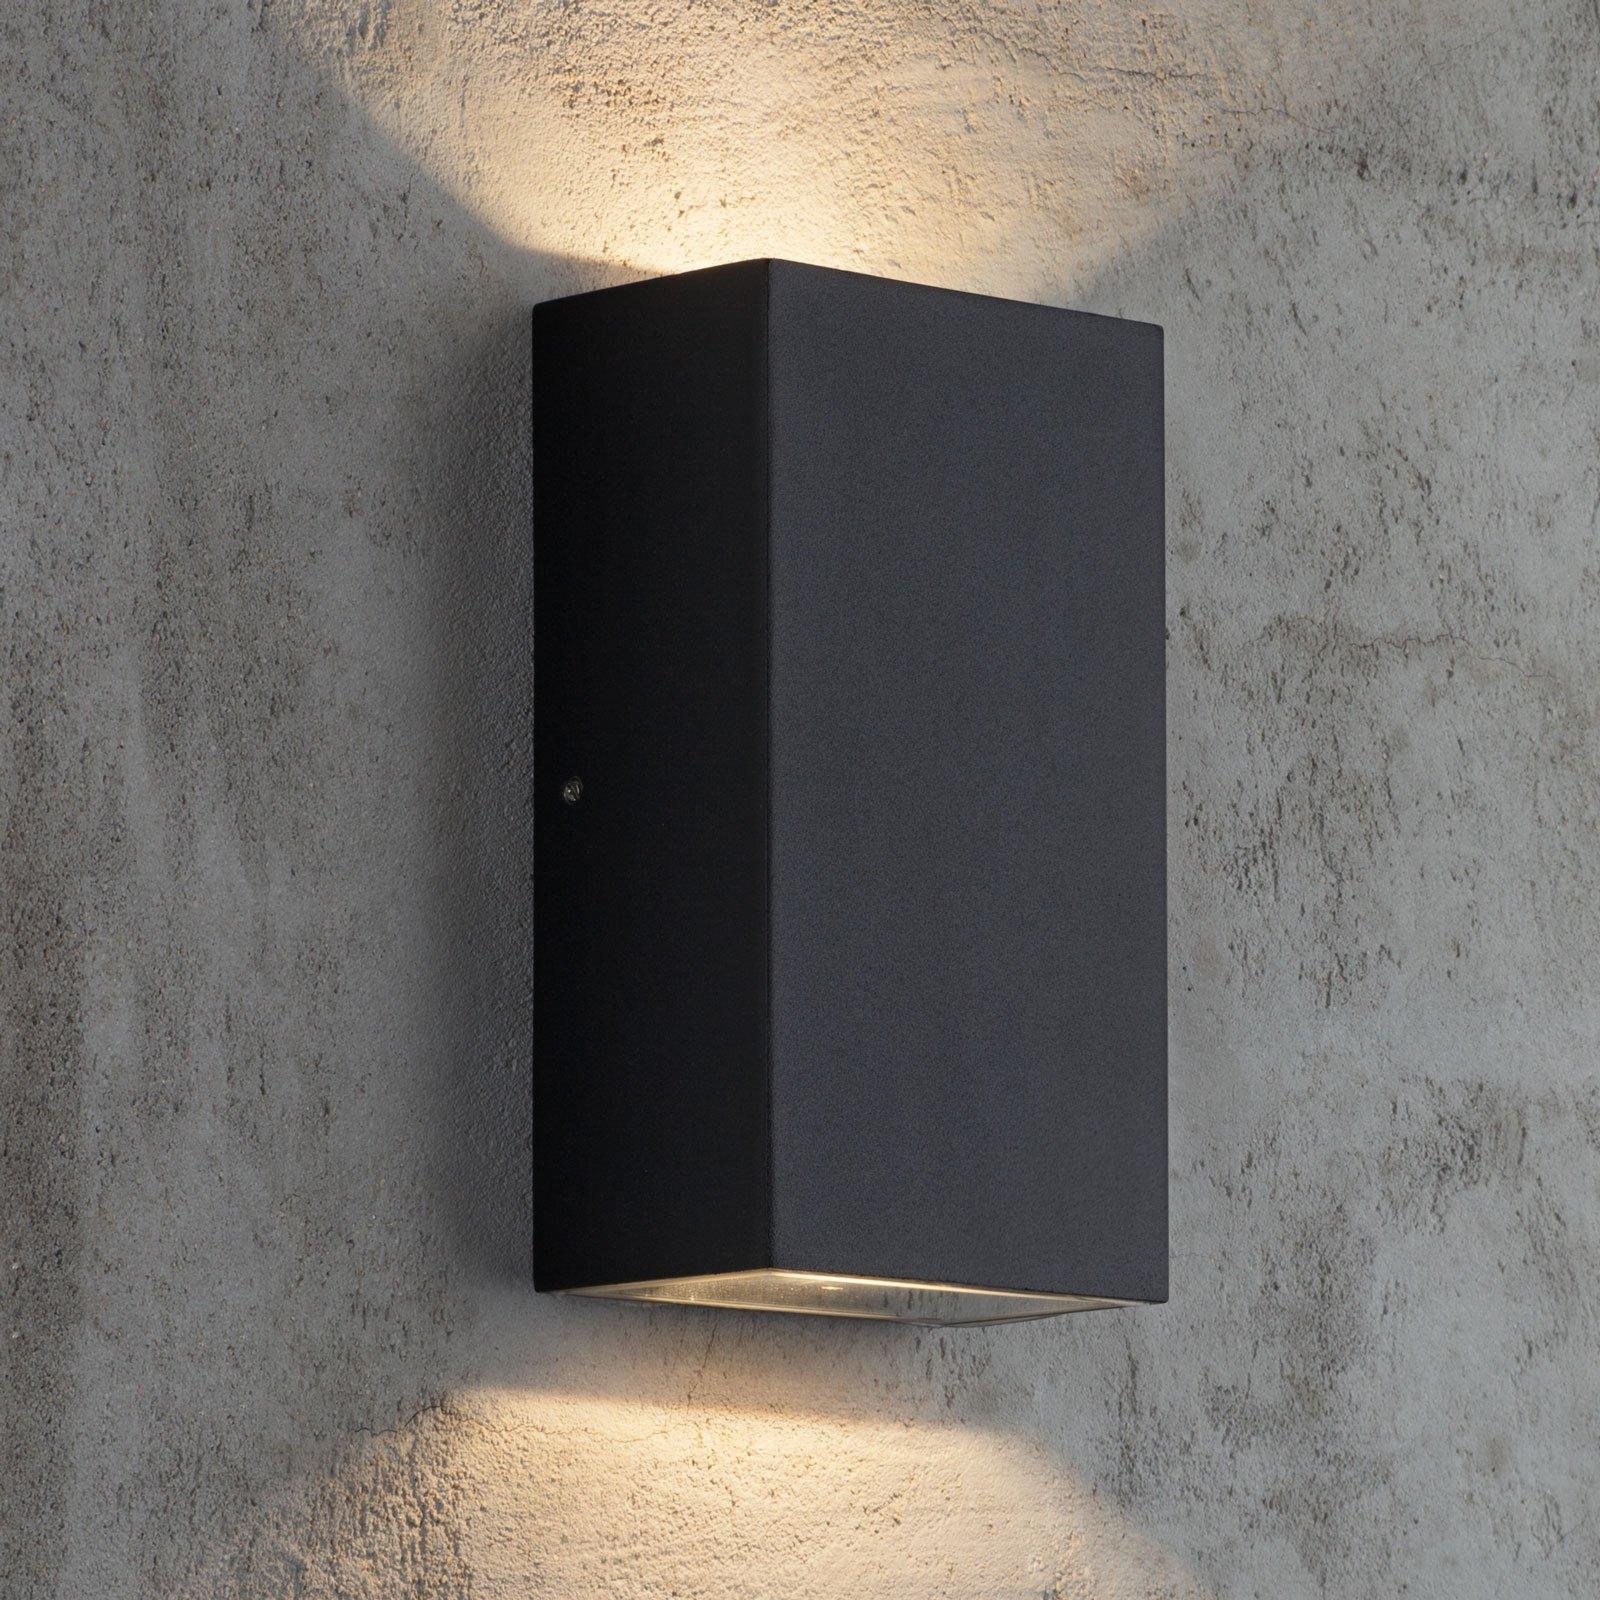 Utendørs LED-vegglampe Rold, kantet form